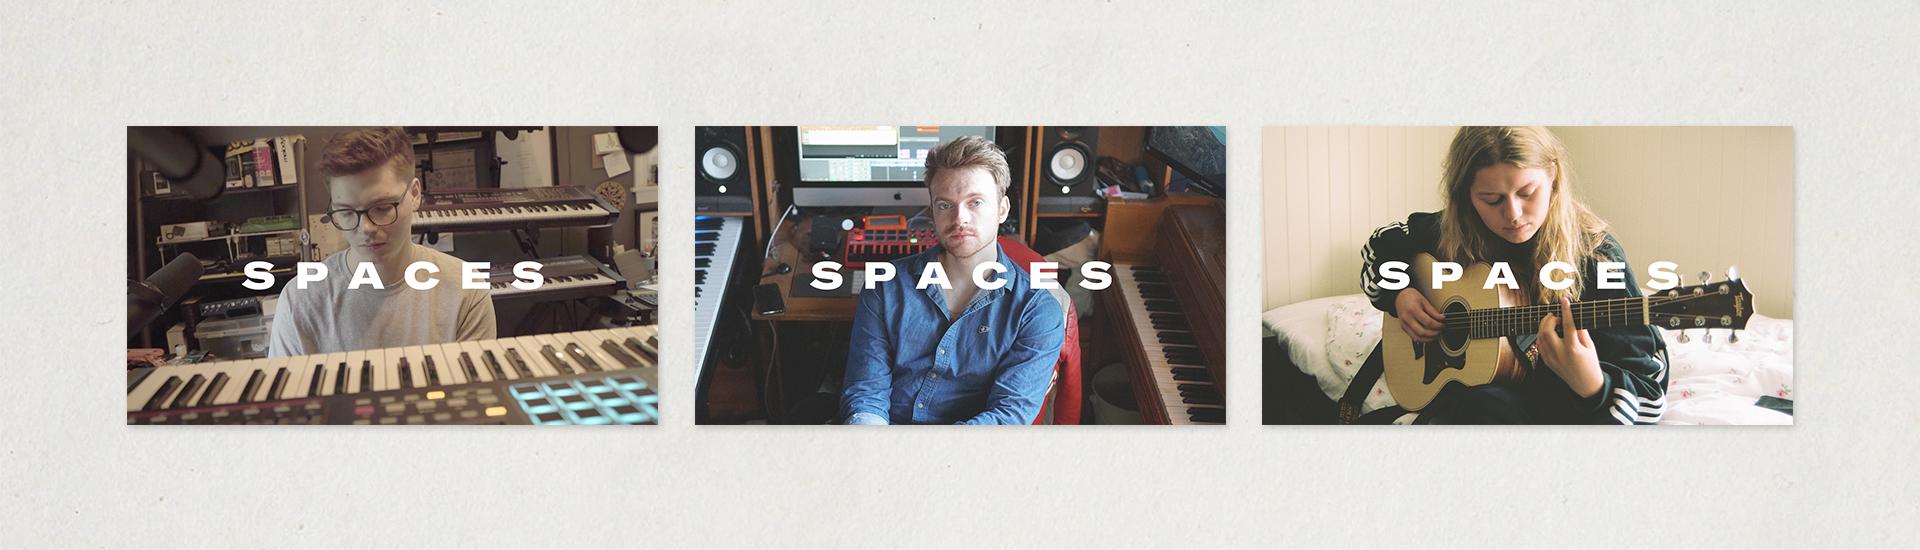 Spaces Thumbnails